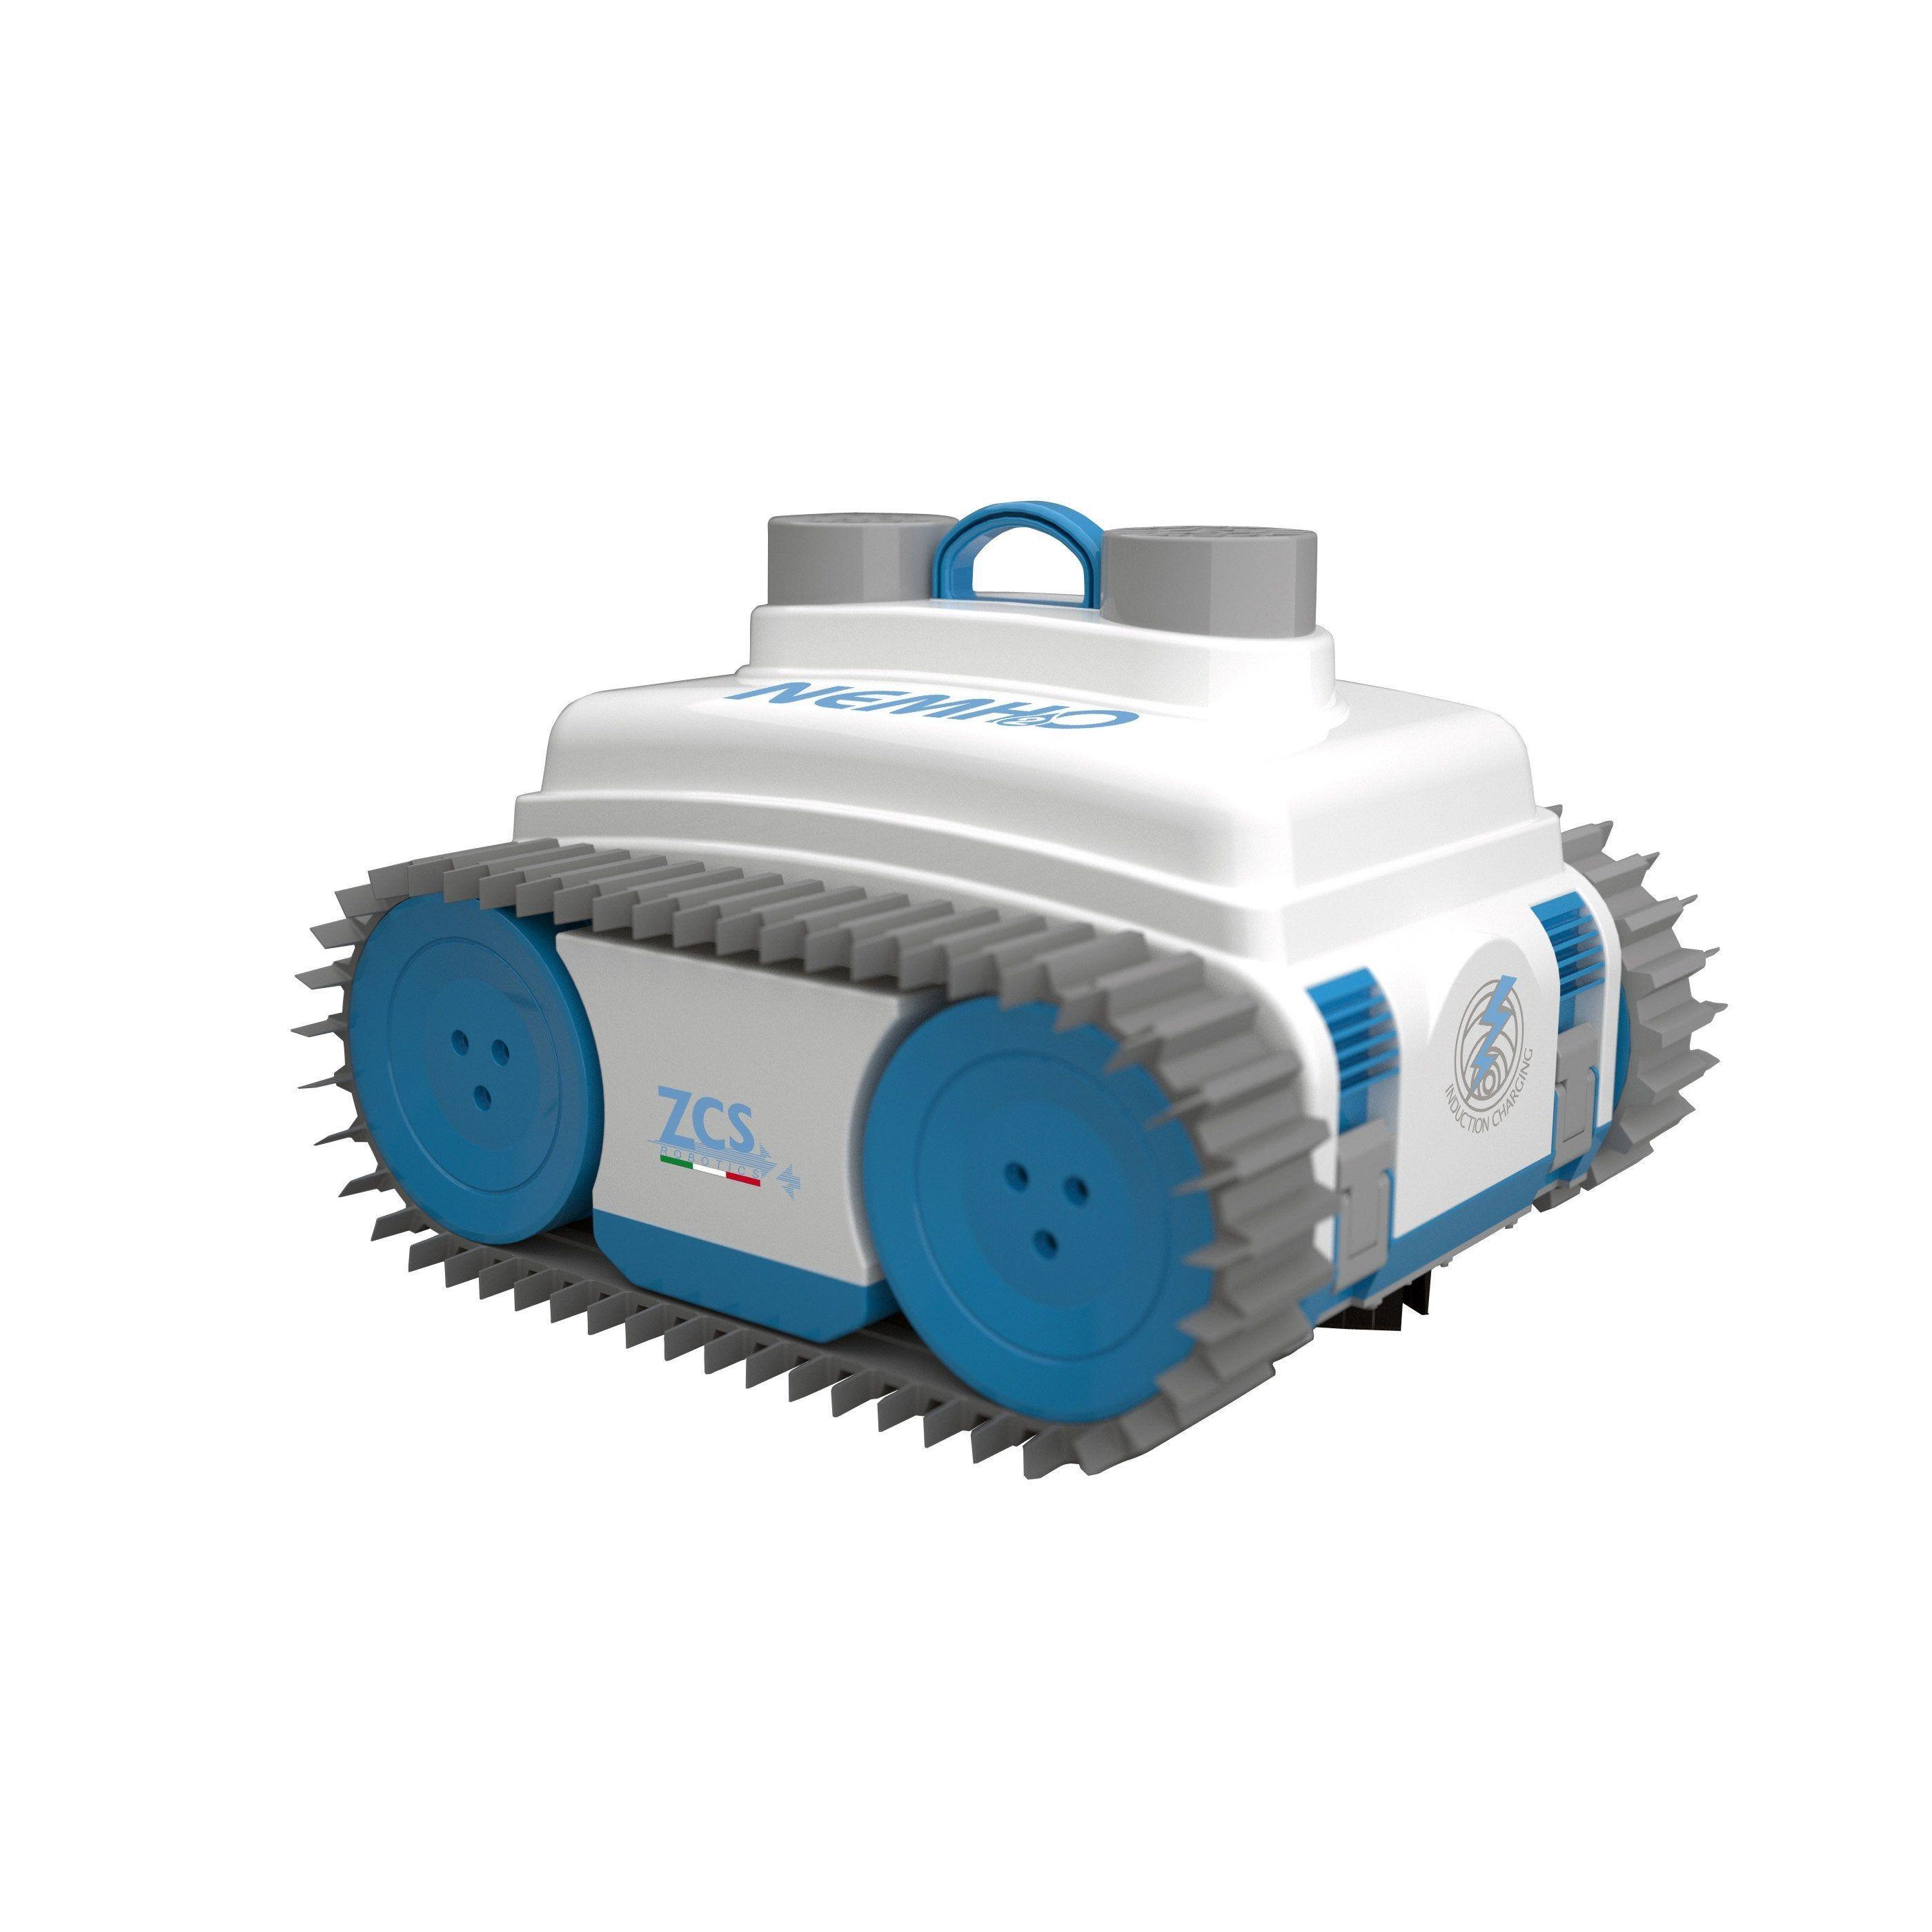 Robot De Piscine Batterie Nemh2o Nemh O Elite En 2020 Robot De Piscine Robot Et Piscine